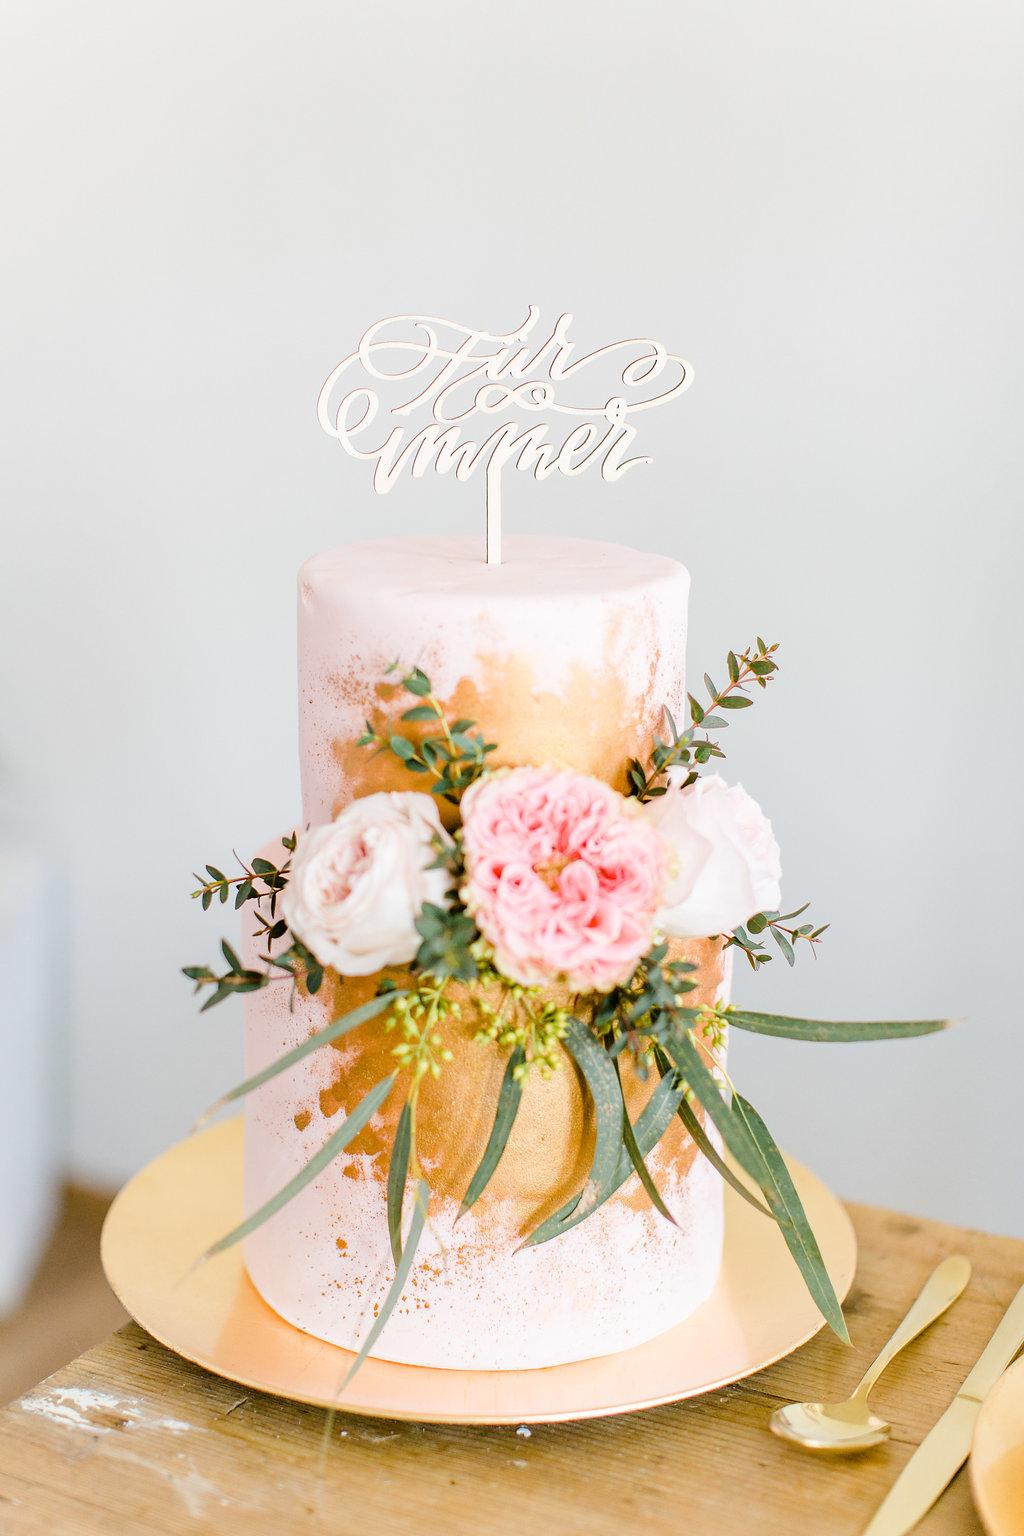 Cake Topper Hochzeit, Tortentopper Hochzeit, Tortenfigur Hochzeit, Tortenstecker Hochzeit, Cake Topper  Für Immer